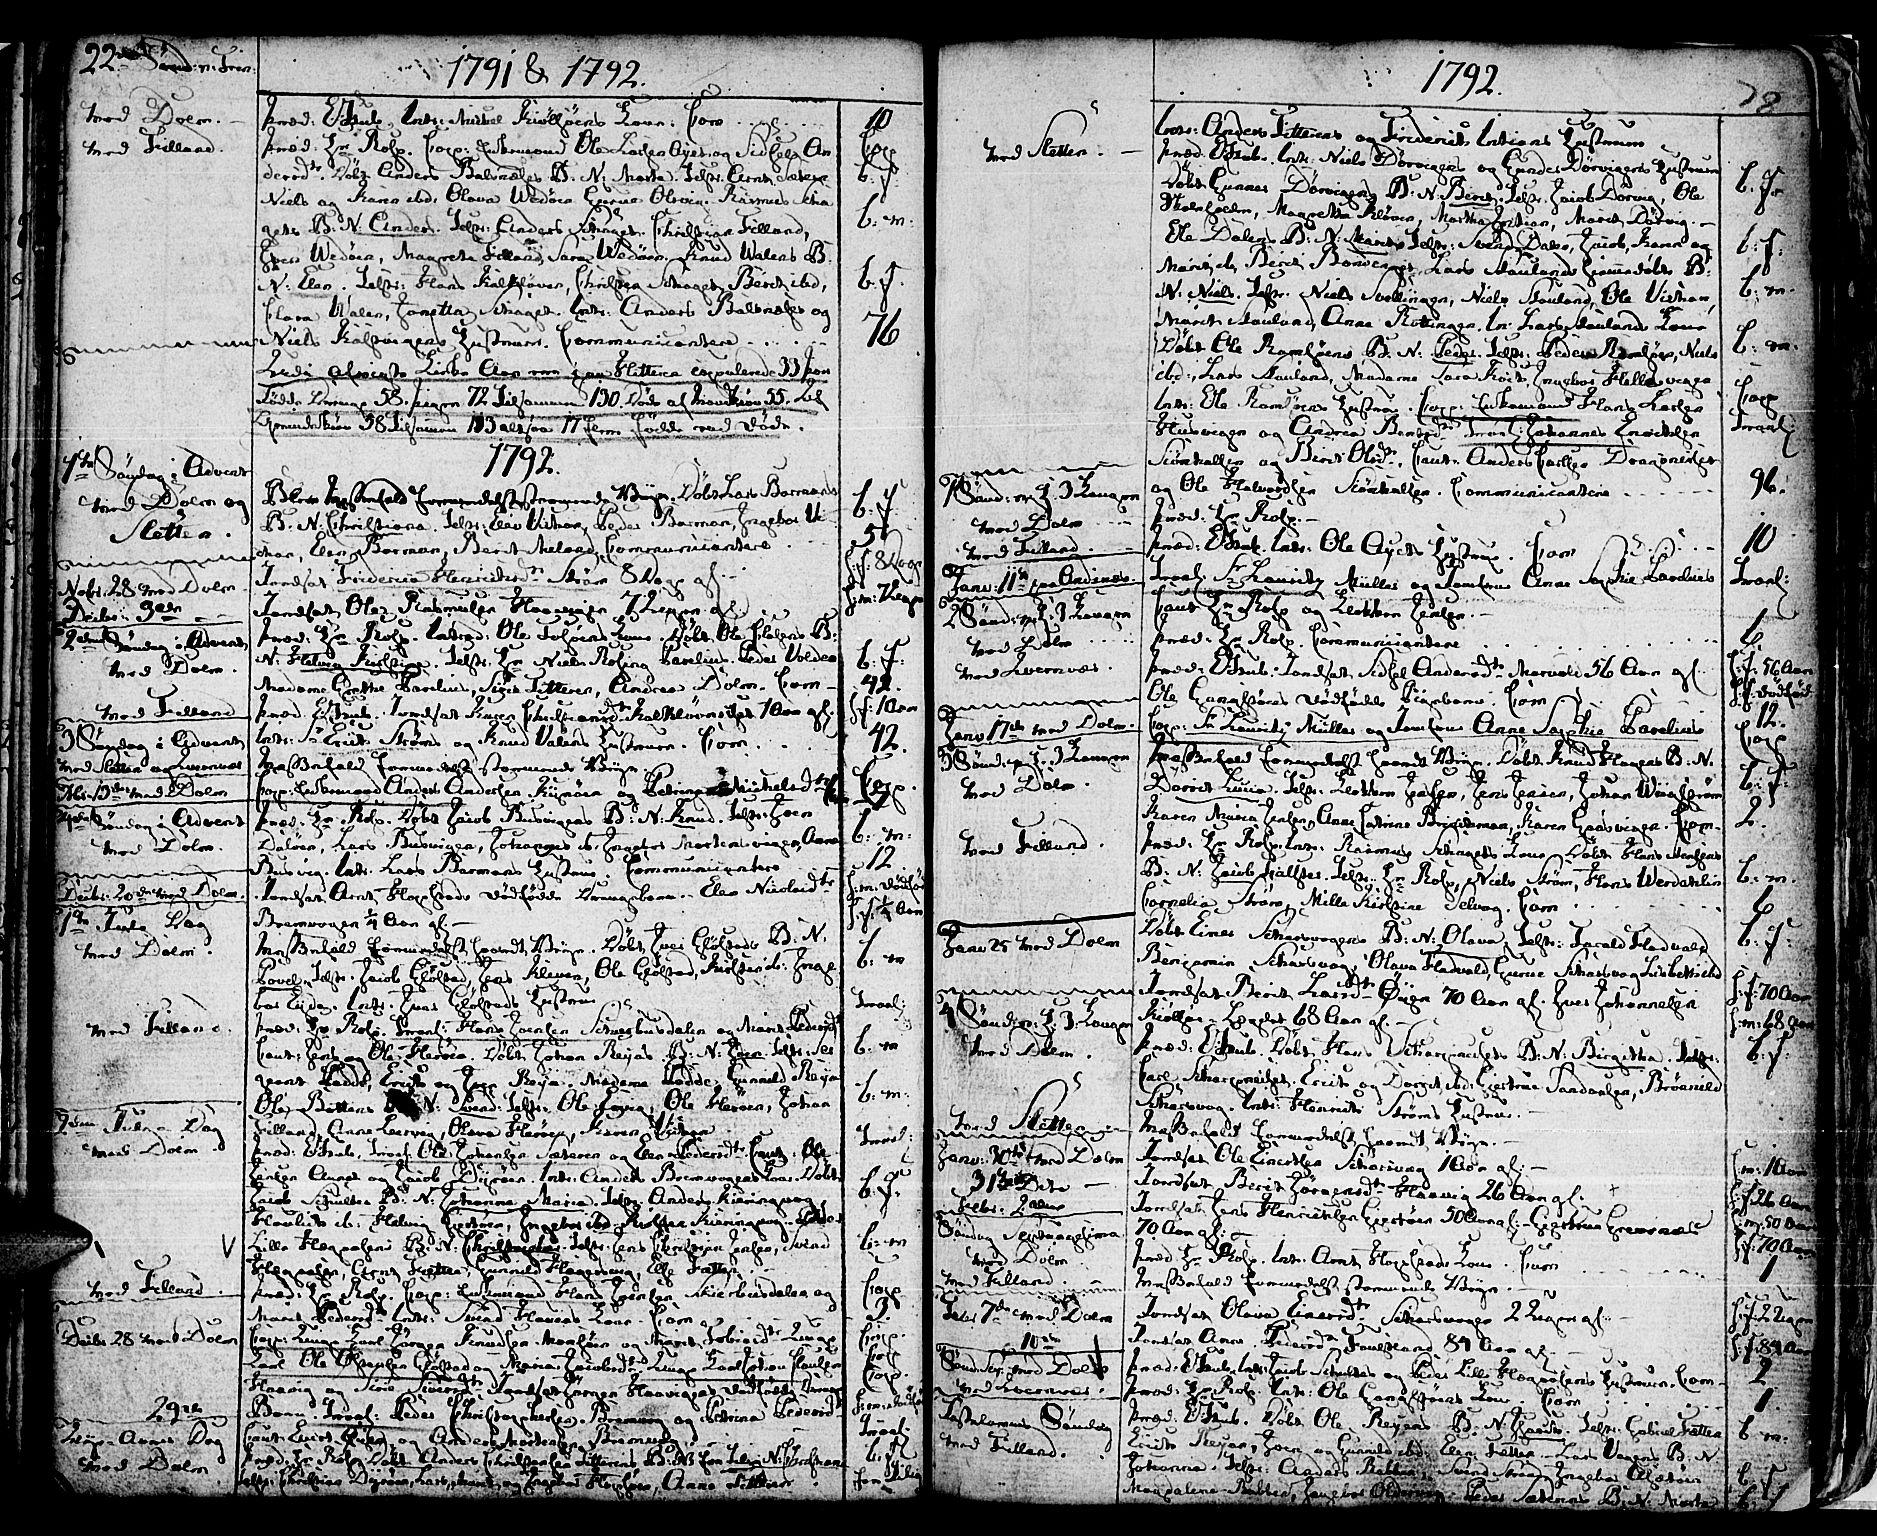 SAT, Ministerialprotokoller, klokkerbøker og fødselsregistre - Sør-Trøndelag, 634/L0526: Ministerialbok nr. 634A02, 1775-1818, s. 78